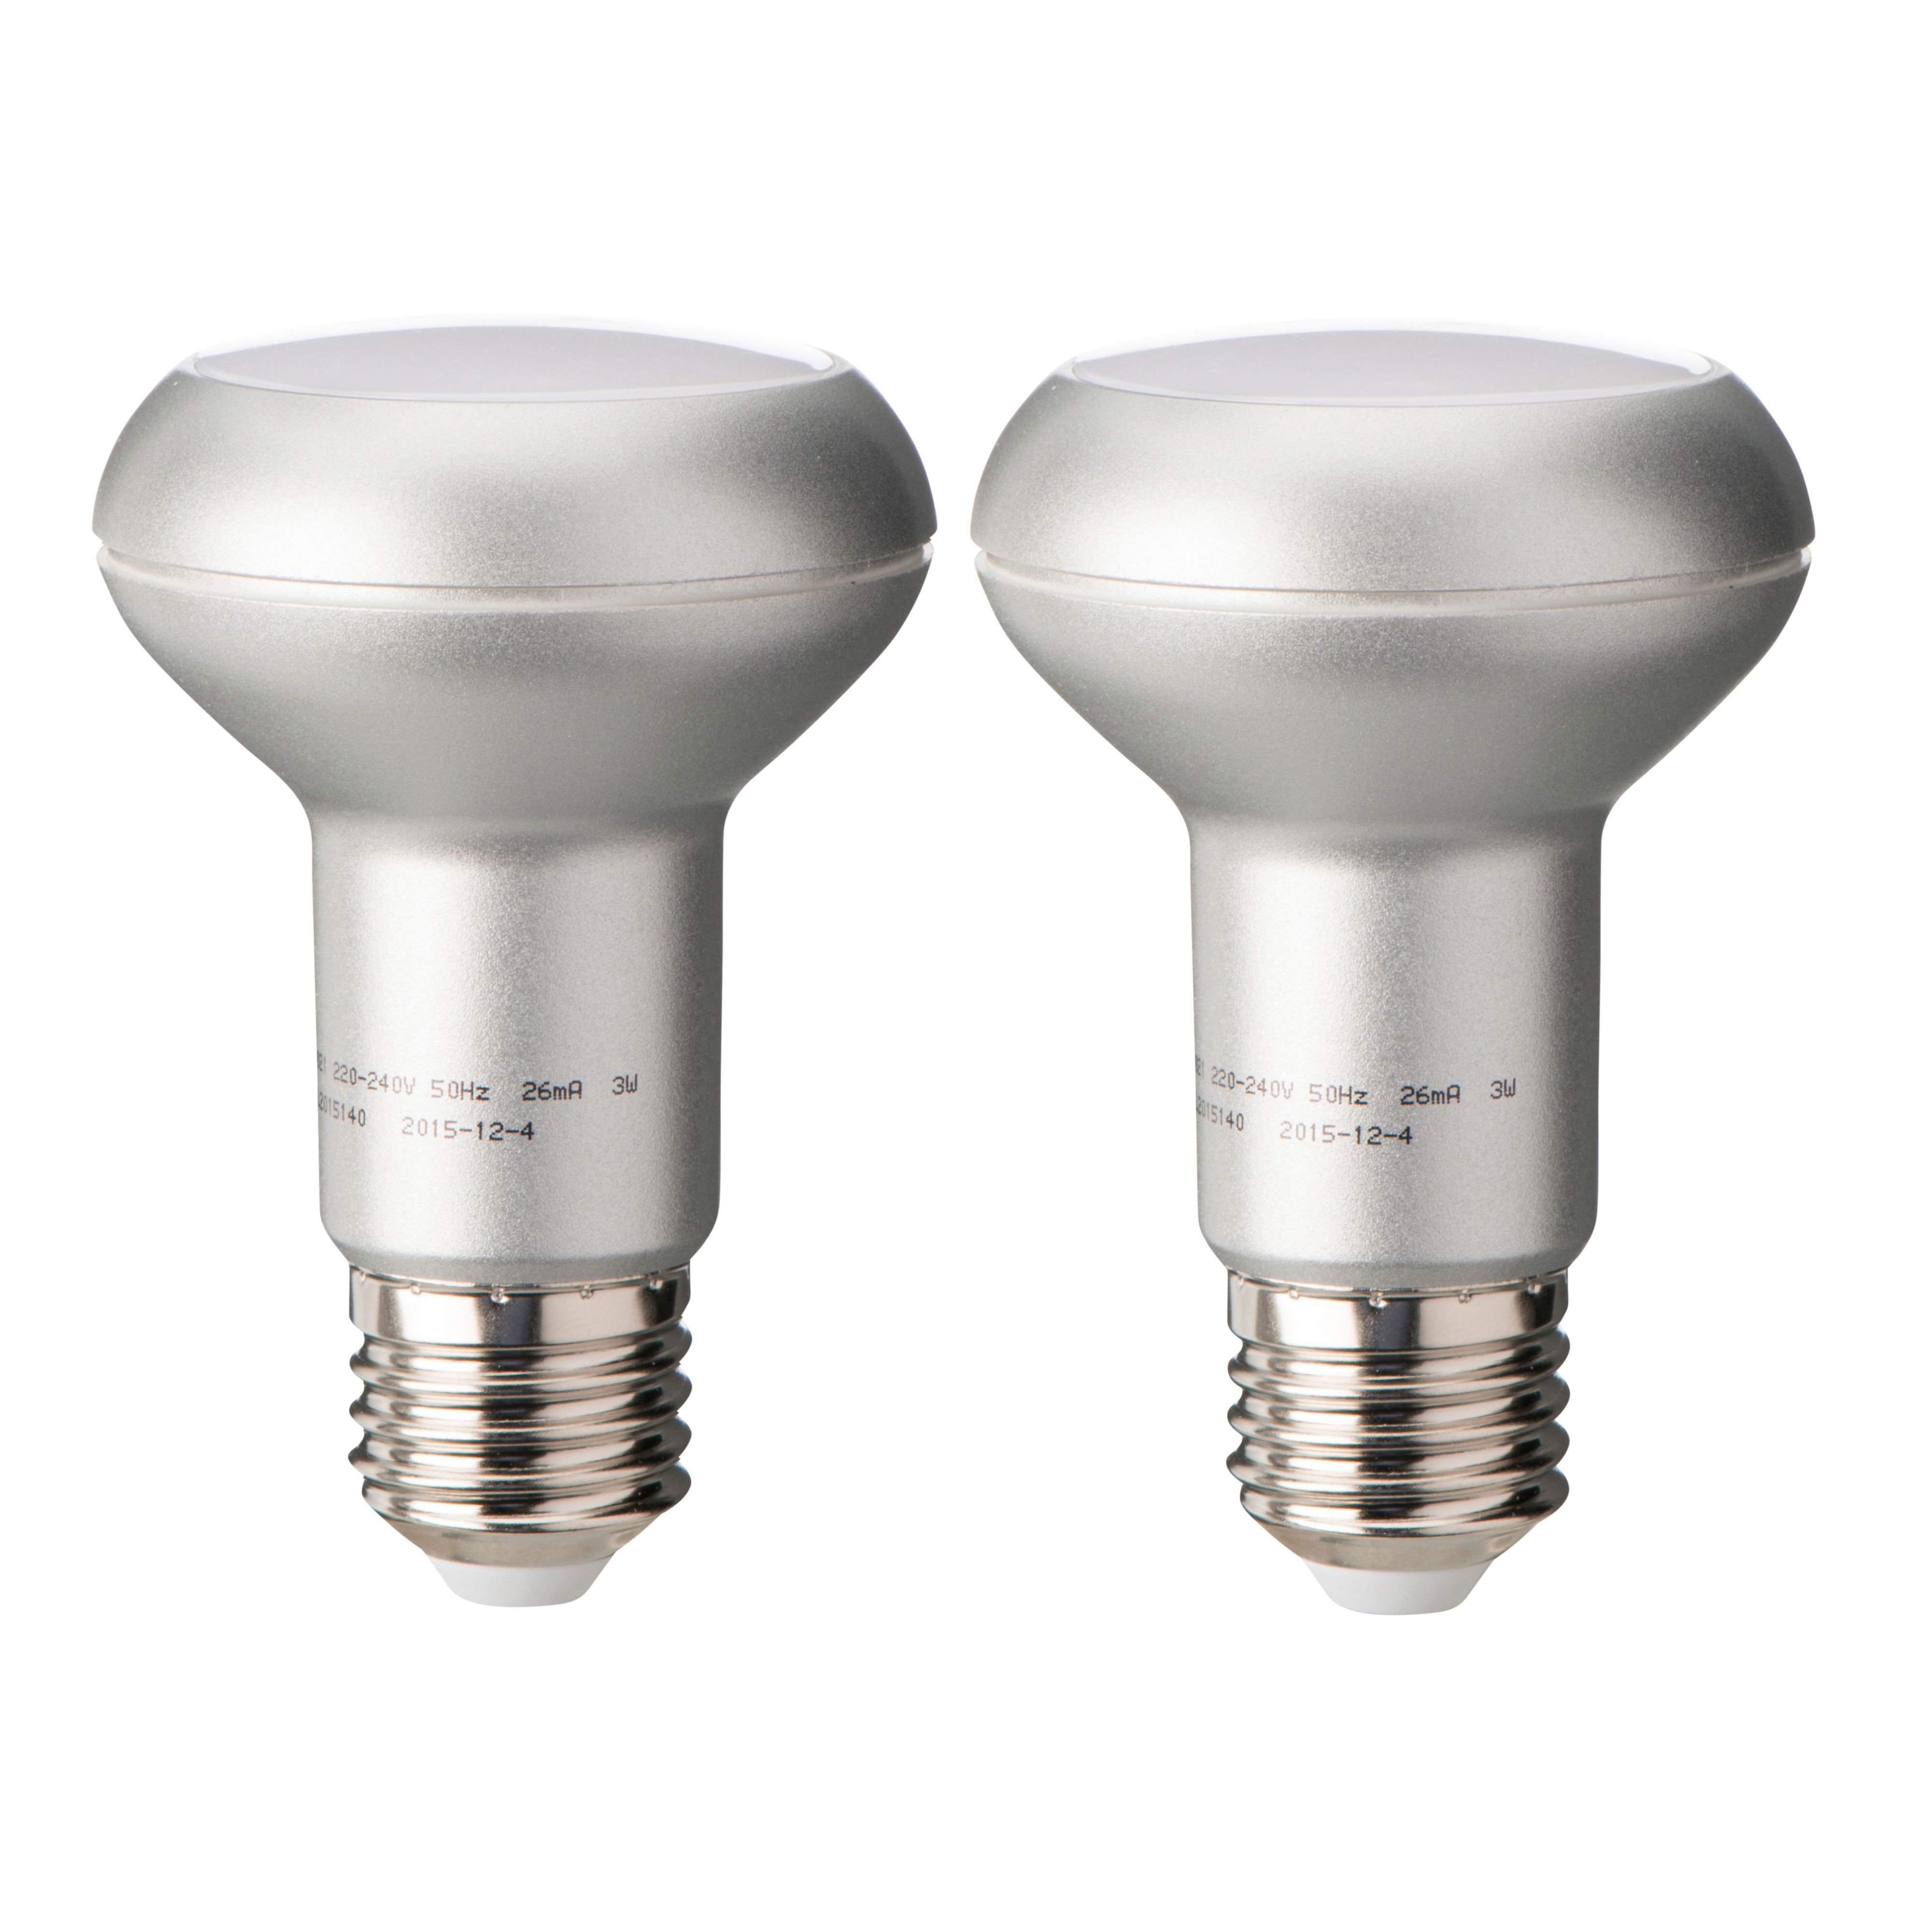 Diall Led Reflector Light Bulb Diy